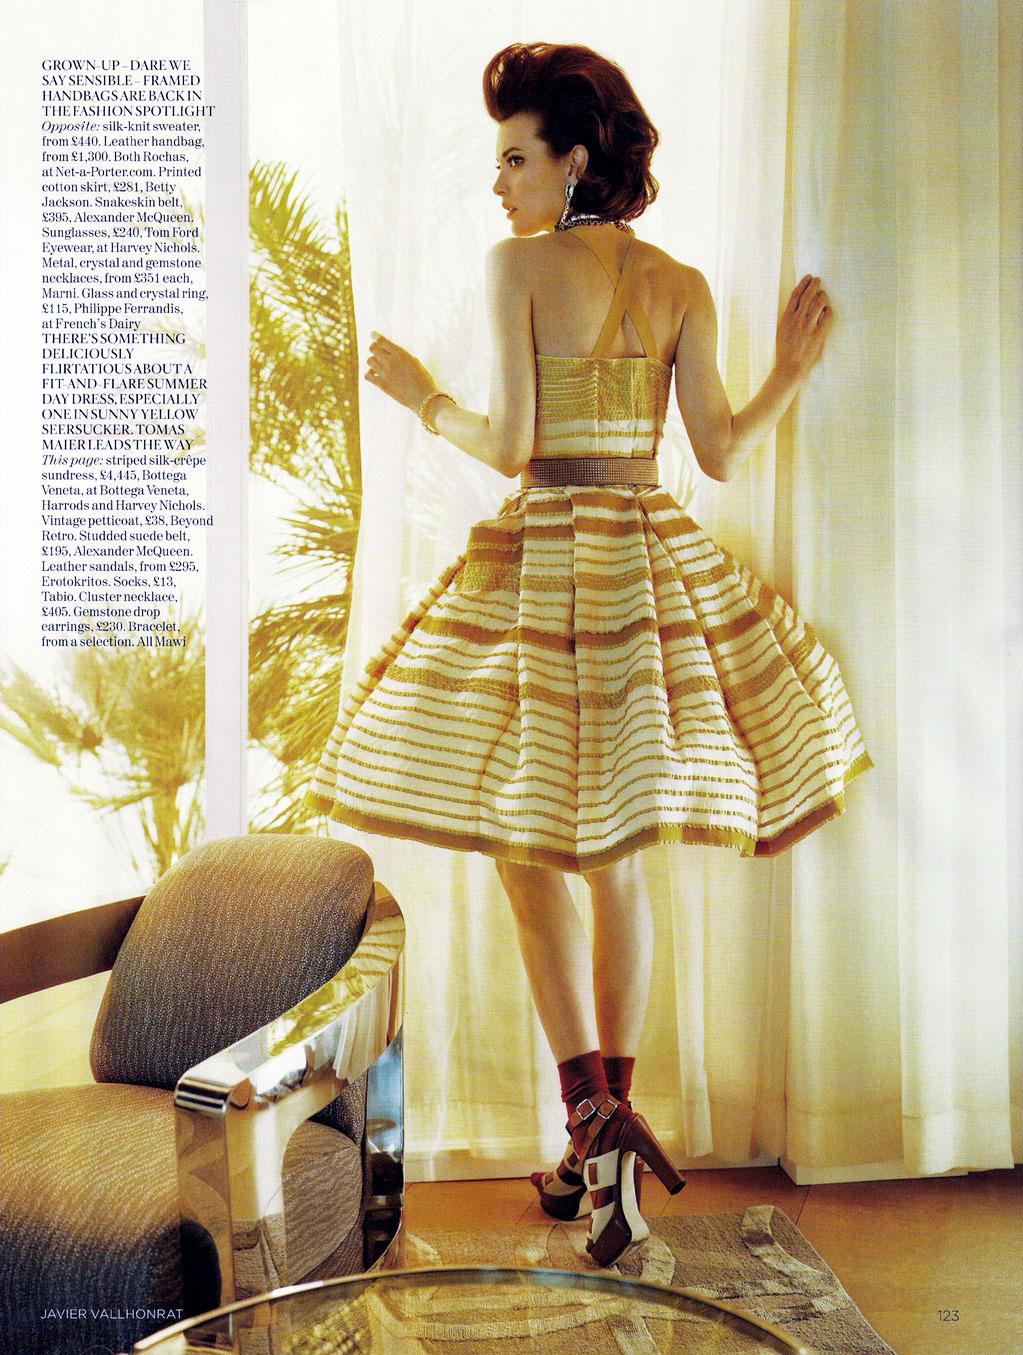 Shalom Harlow in Vogue UK June 2010 (photography: Javier Vallhonrat, styling: Lucinda Chambers)